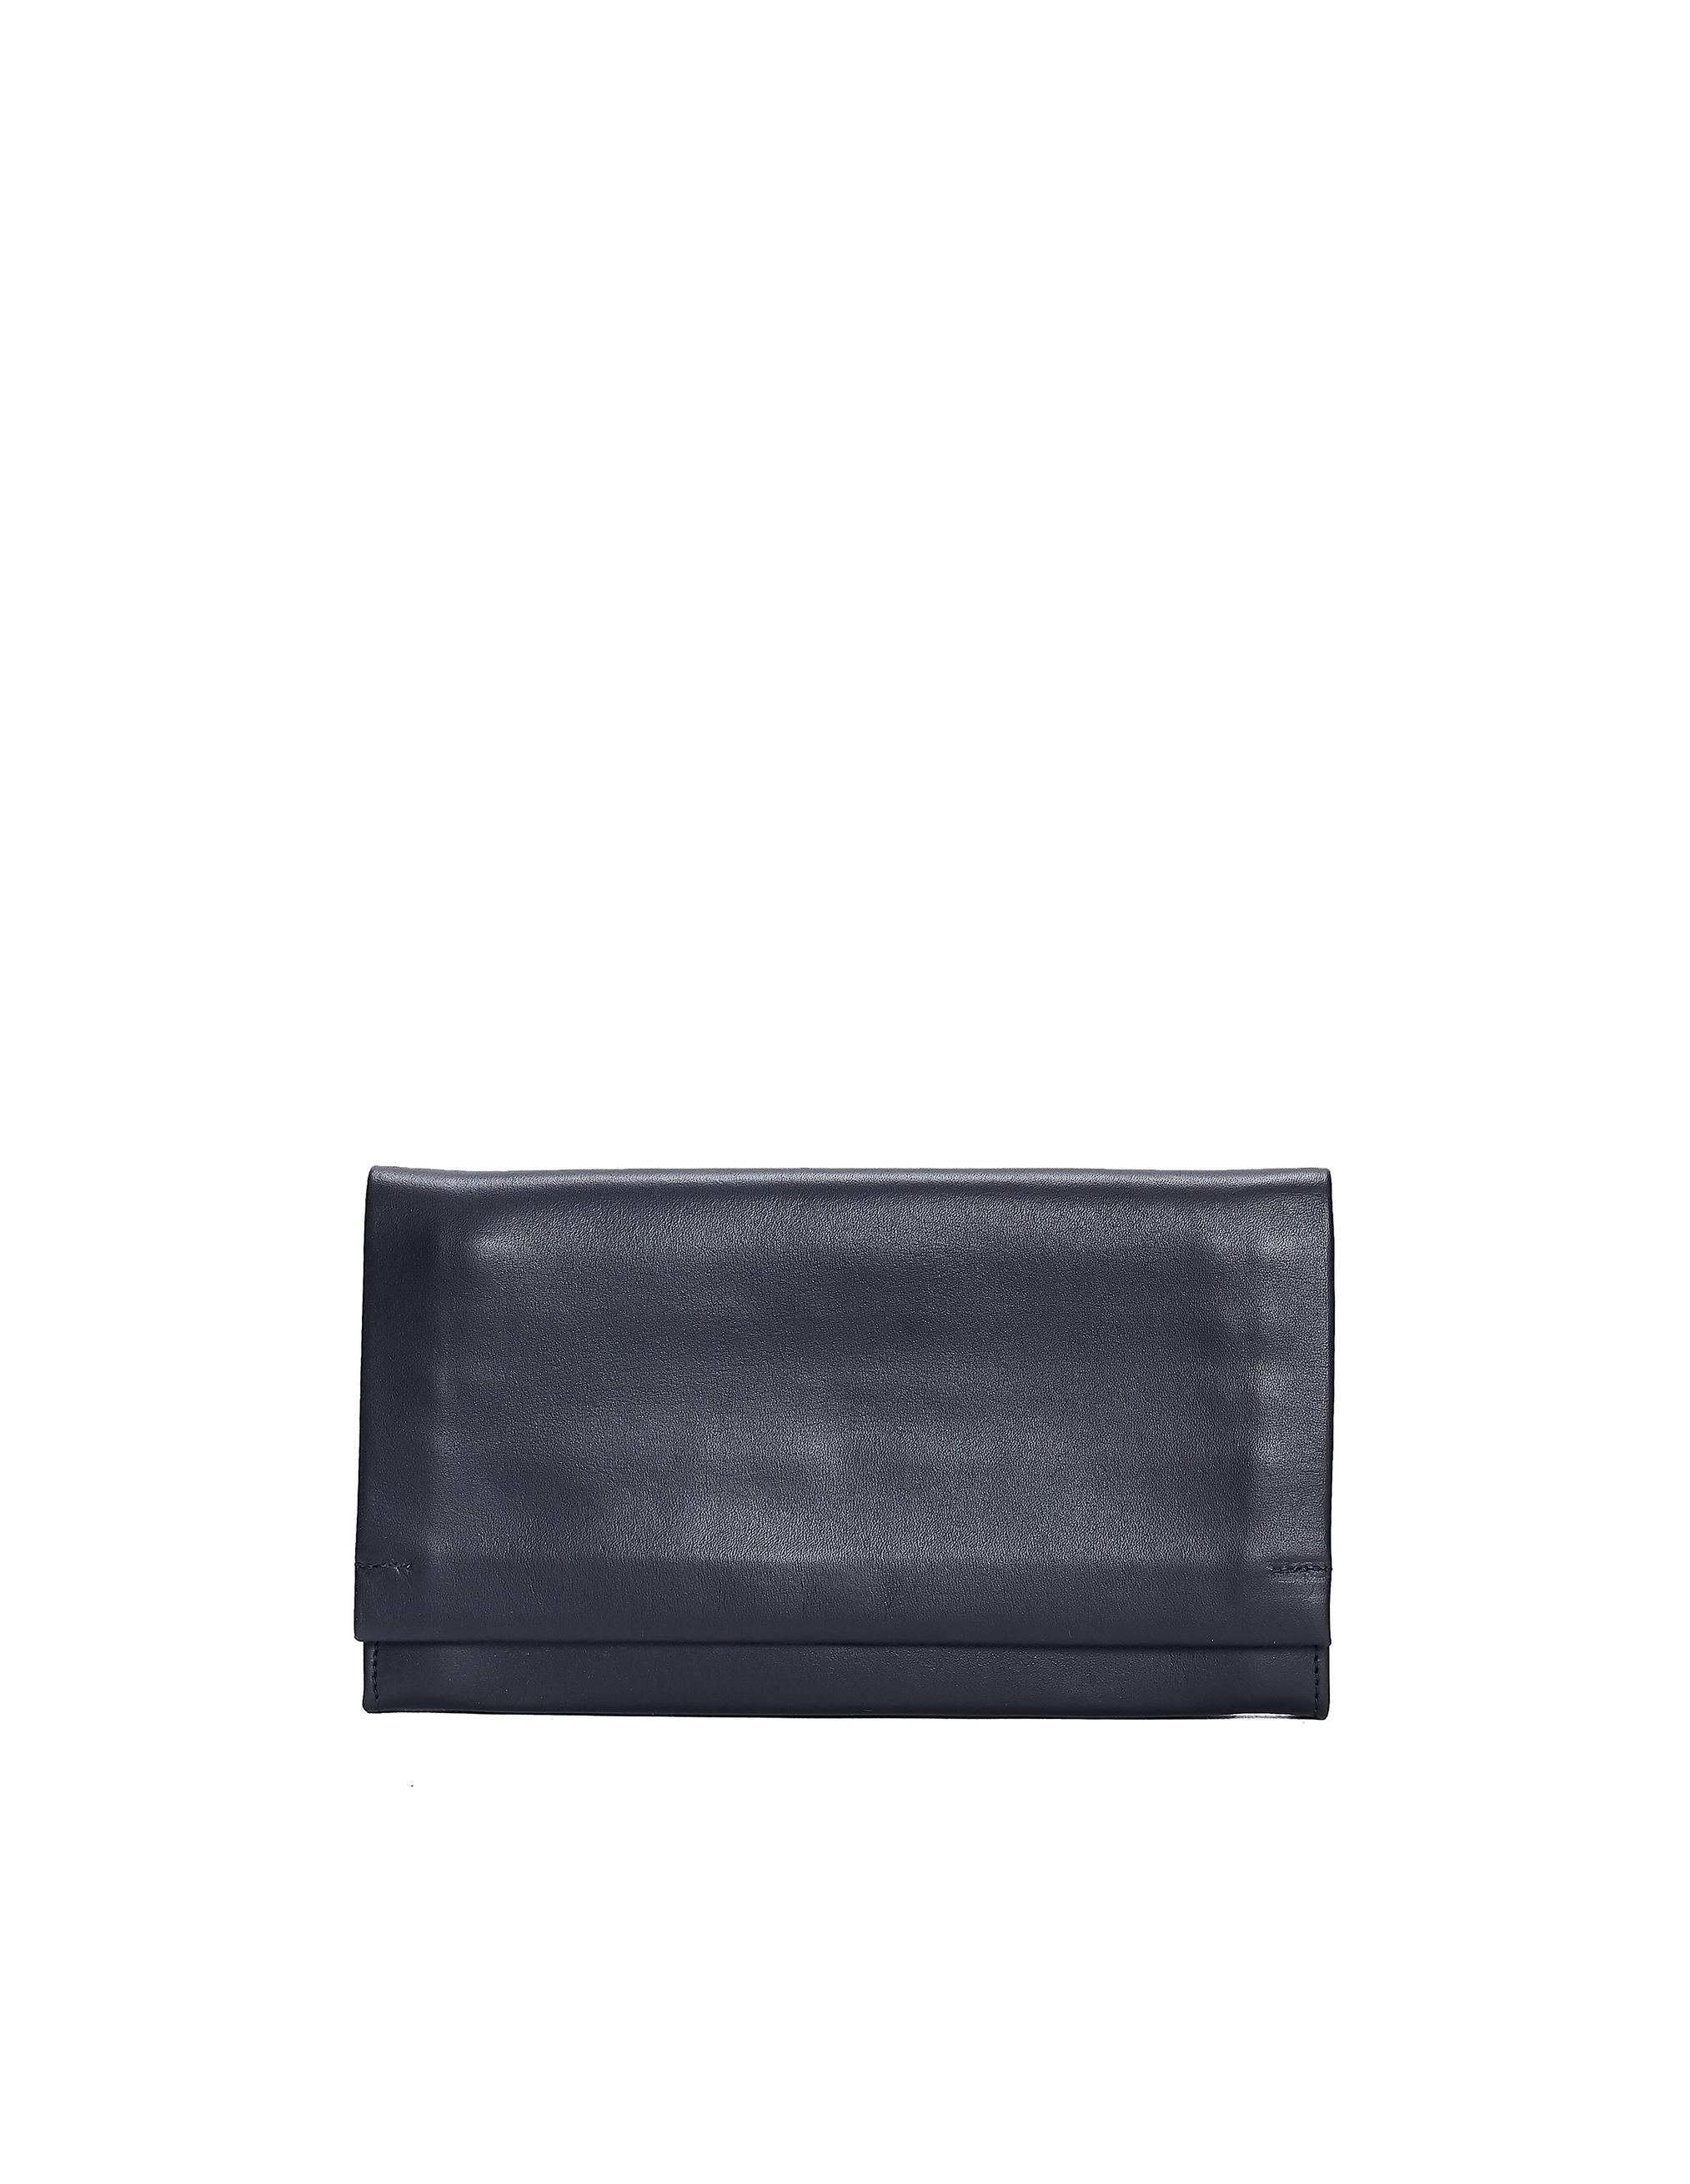 Isaac Reina | Черный кожаный кошелек с плечевым ремешком | Clouty